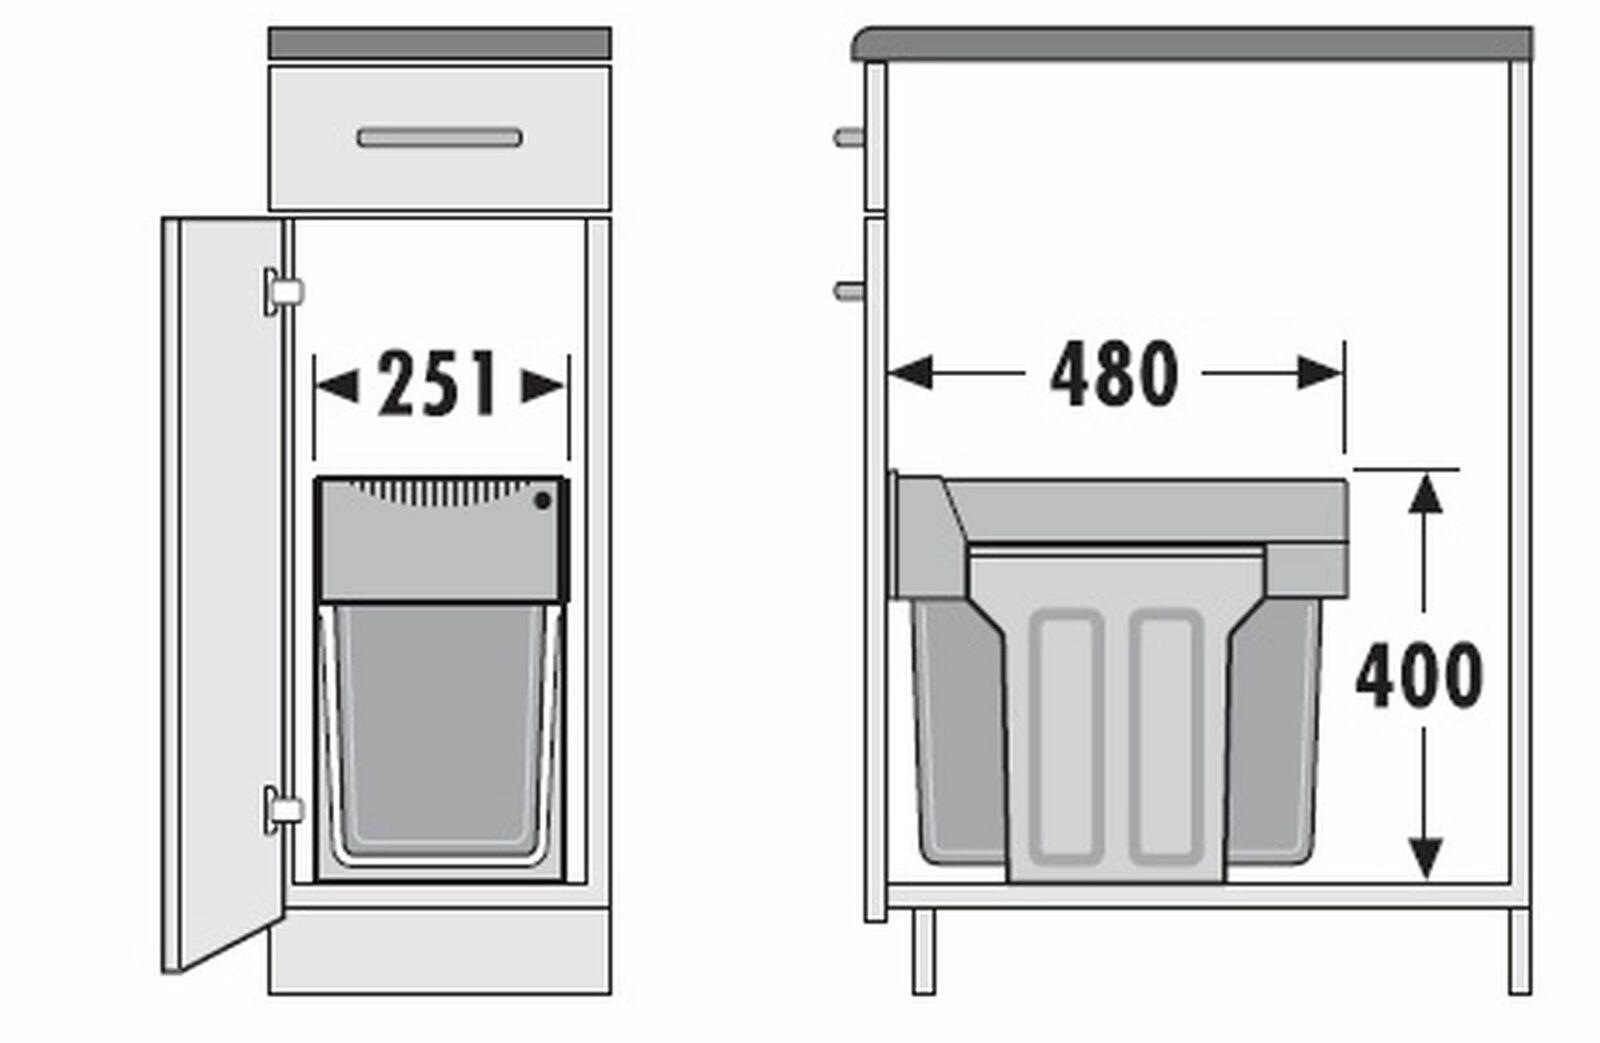 Full Size of Mlleimer Abfalleimer Kche 2x15 Liter Hailo Mllsystem Müllsystem Küche Wohnzimmer Müllsystem